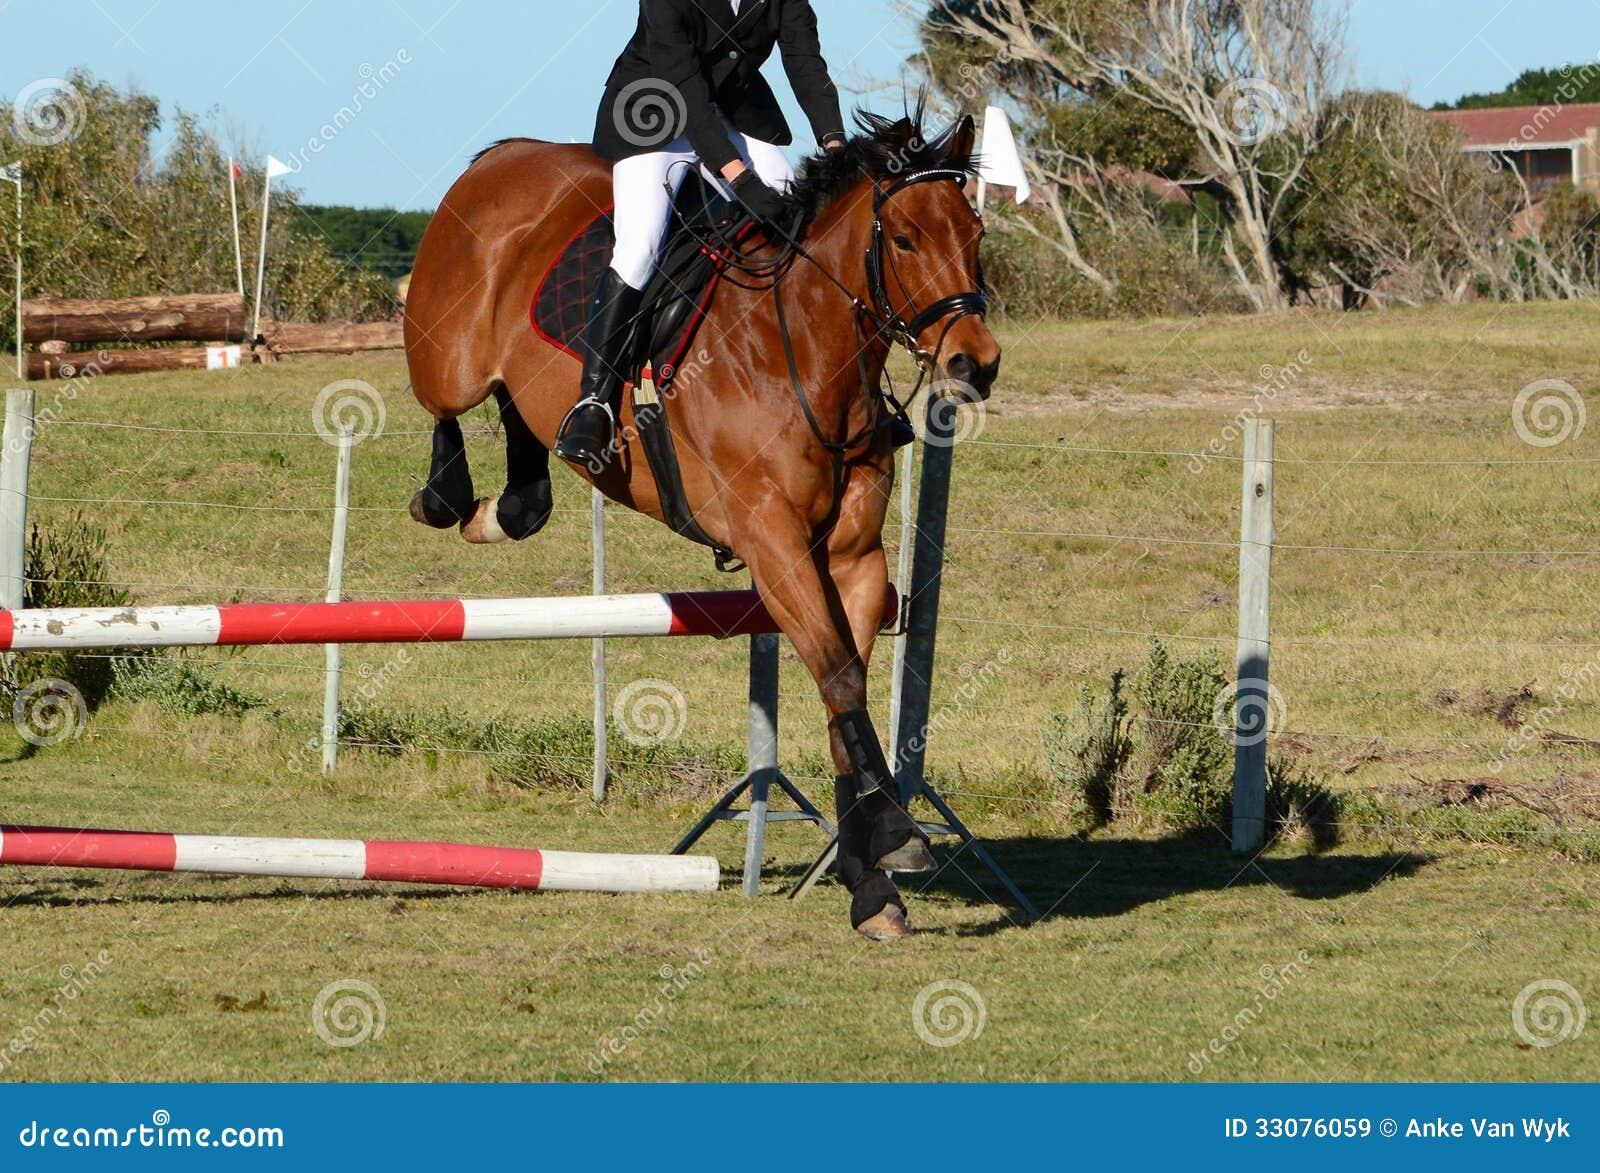 Horse jumping a jump stock image. Image of jumping, jump ...